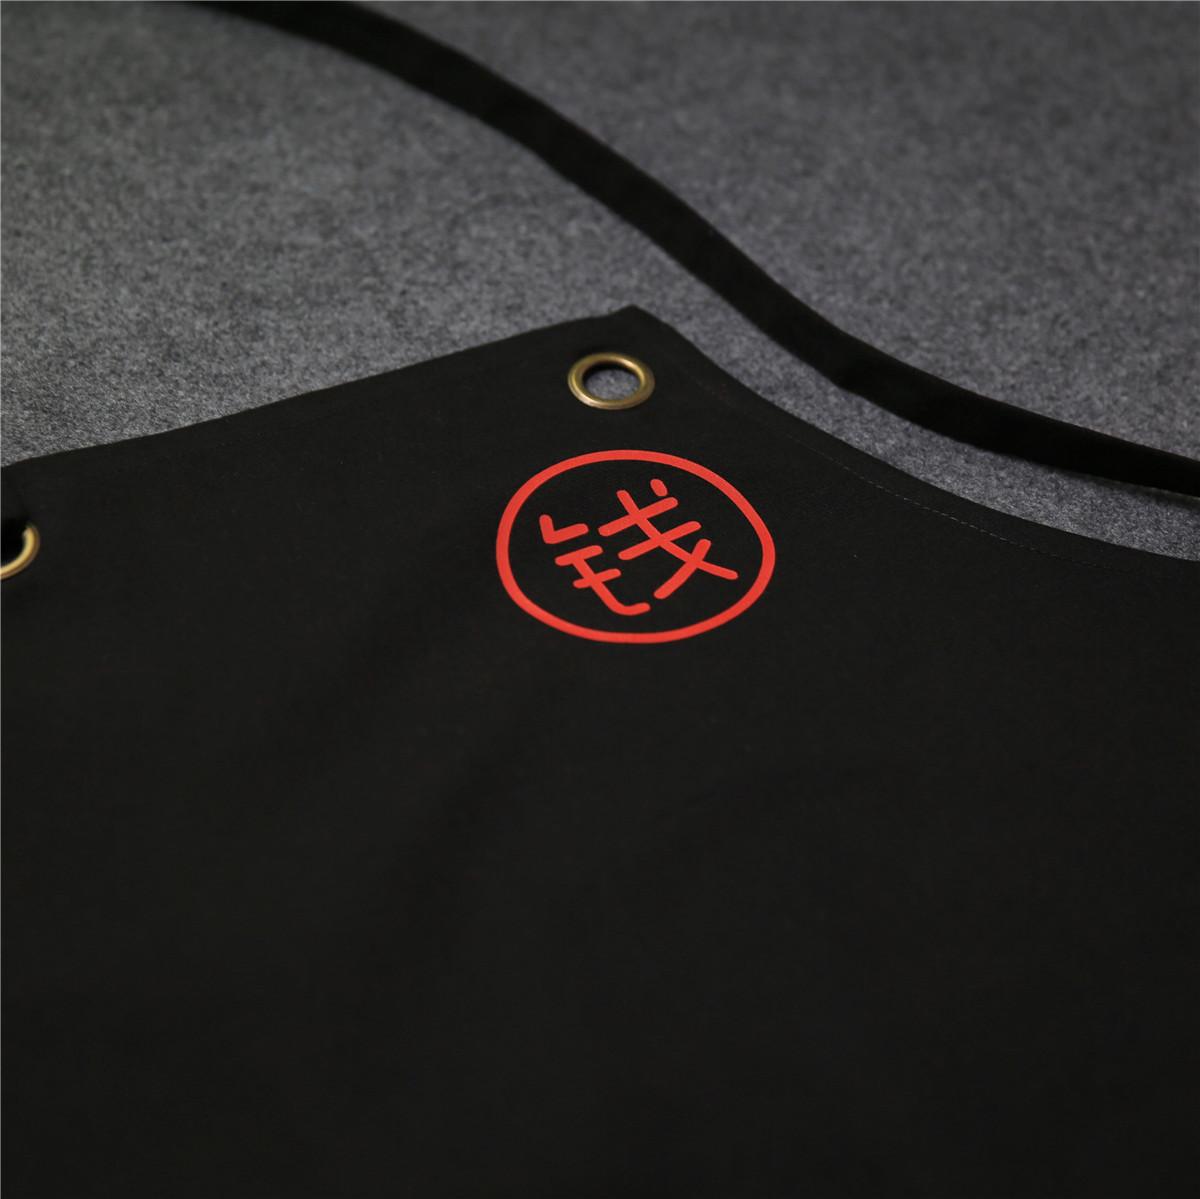 免费定制百家姓打孔纯棉帆布防污/防泼水厨房日式时尚创意围裙服